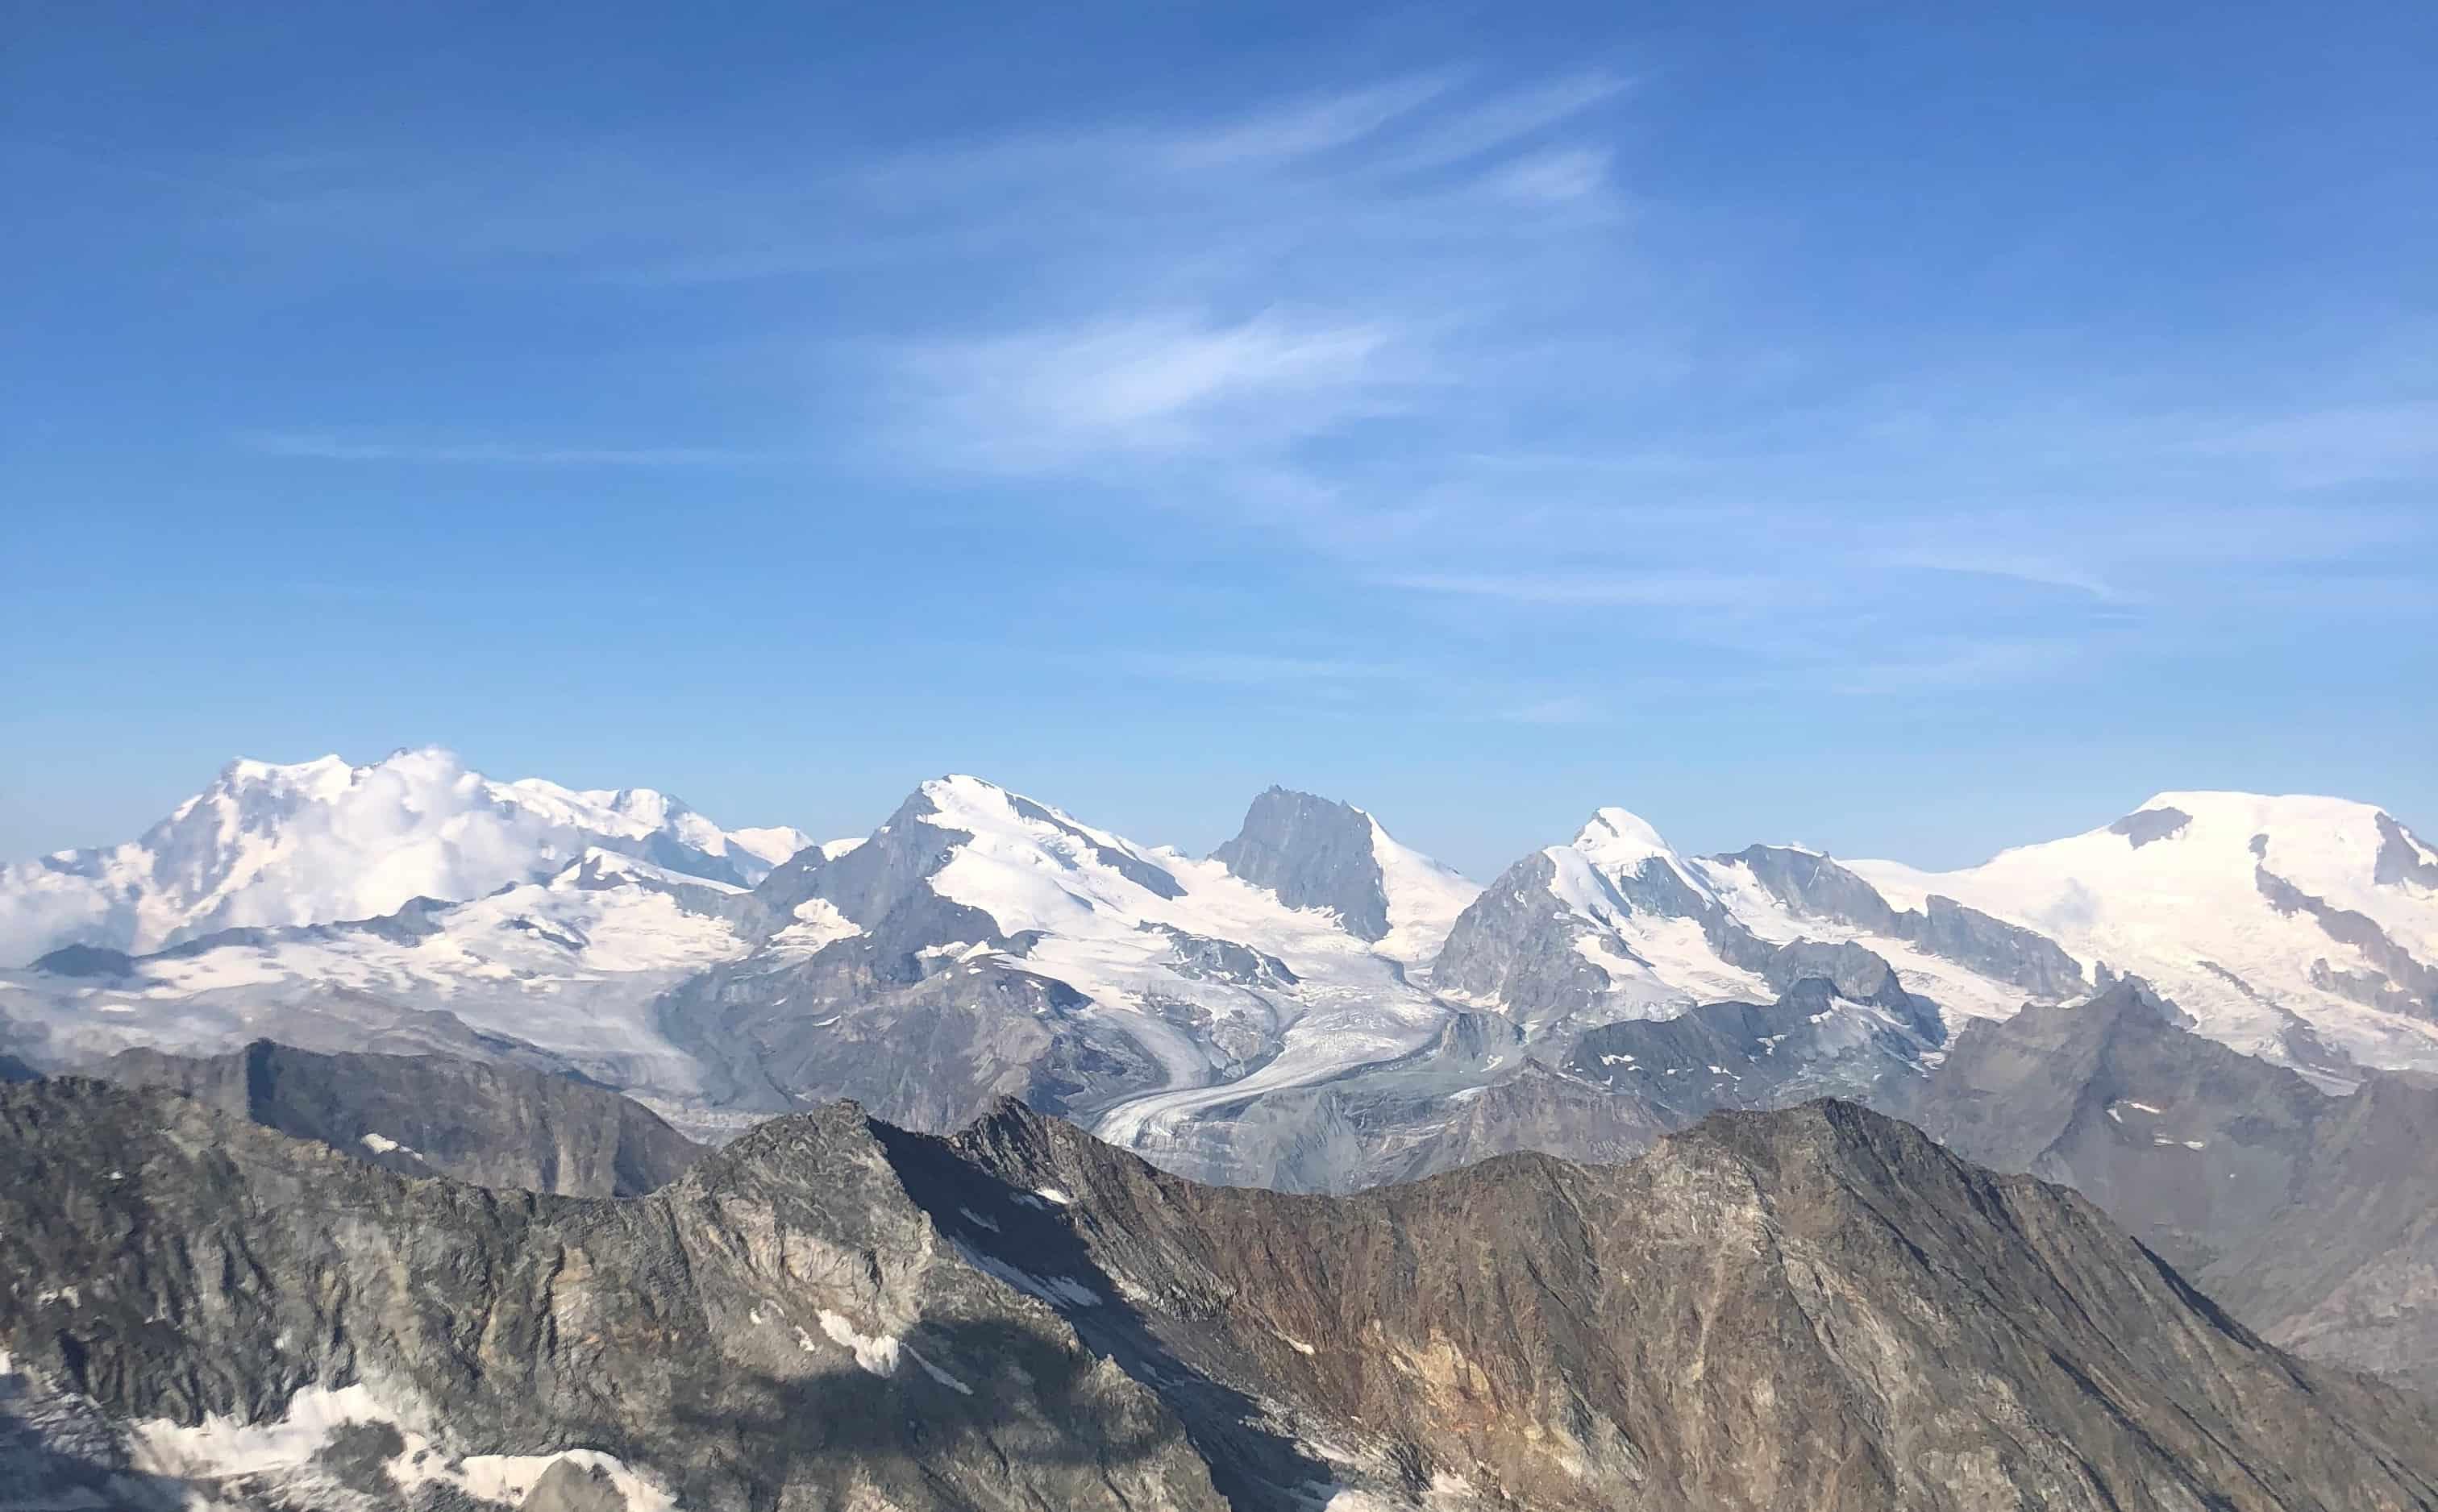 Schweiz Bergsteigen für Anfänger - Bergsteigen in der Schweiz